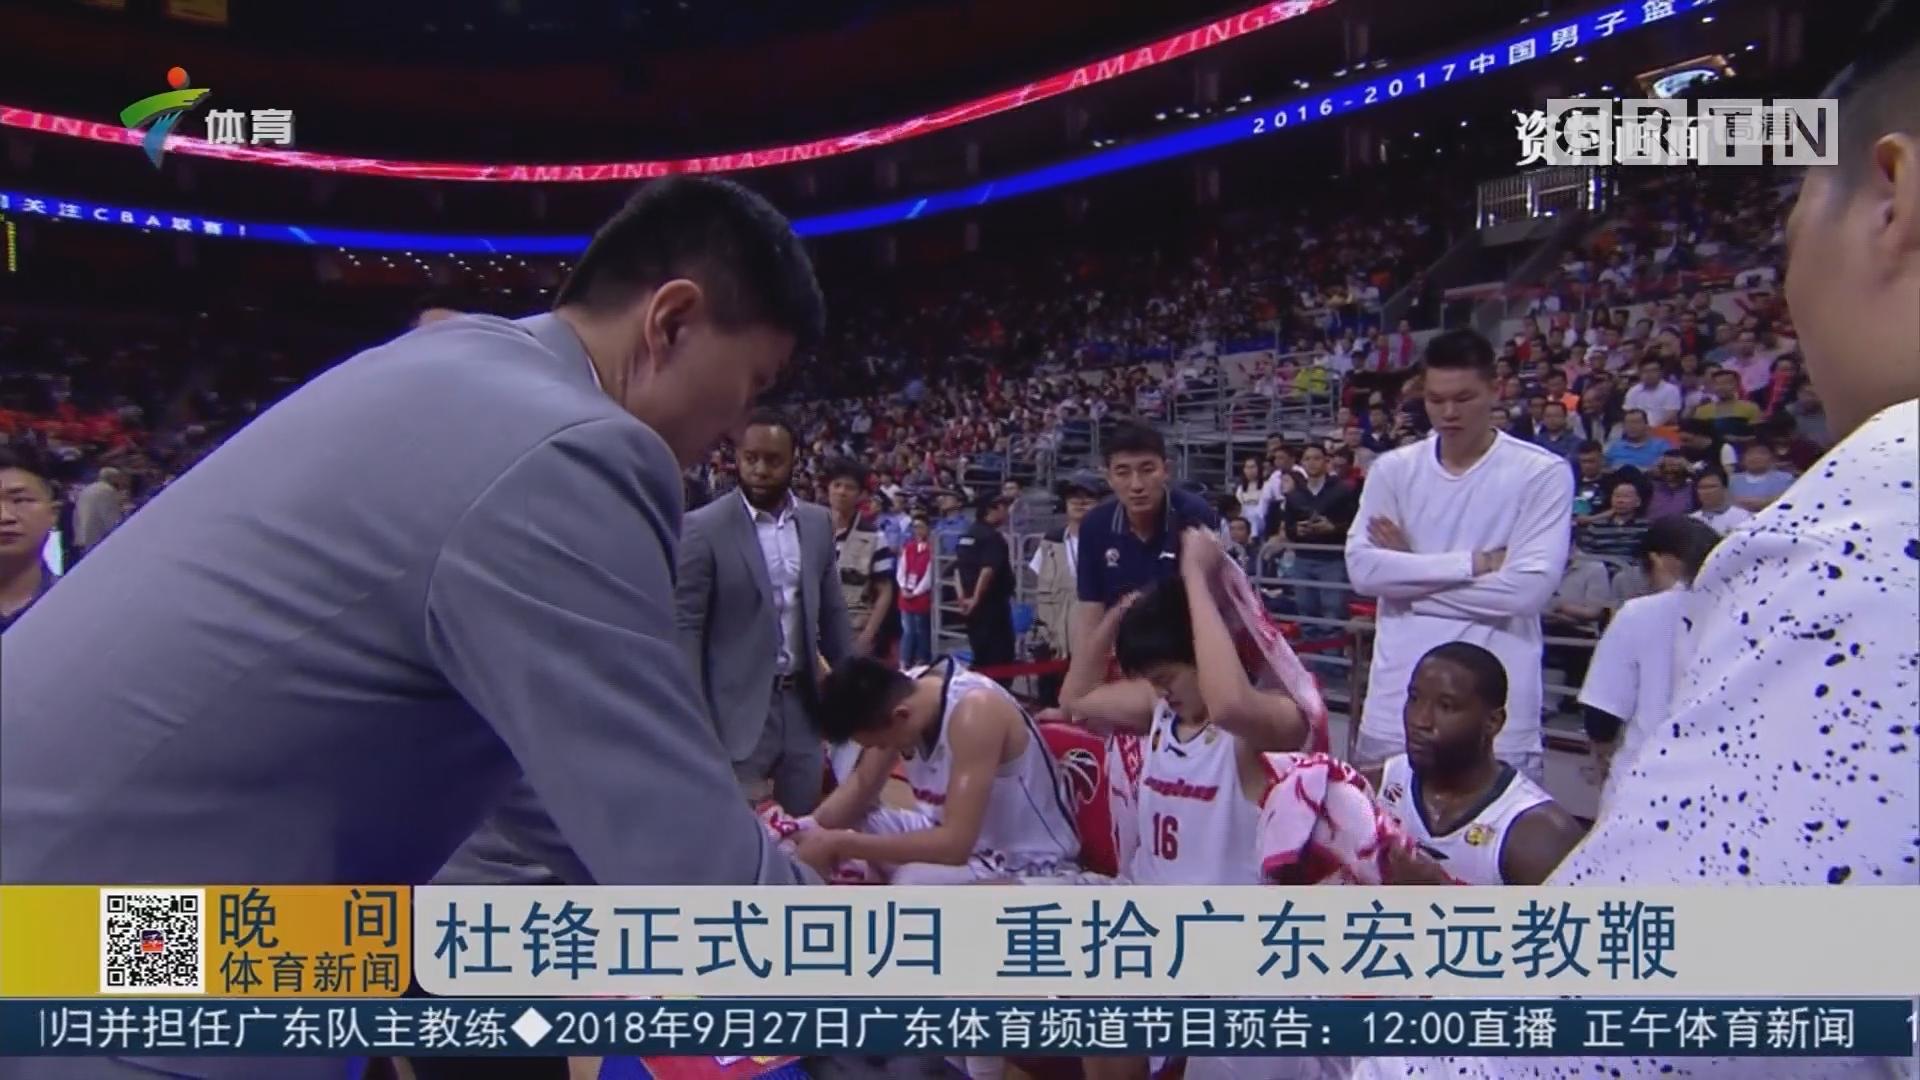 杜锋正式回归 重拾广东宏远教鞭